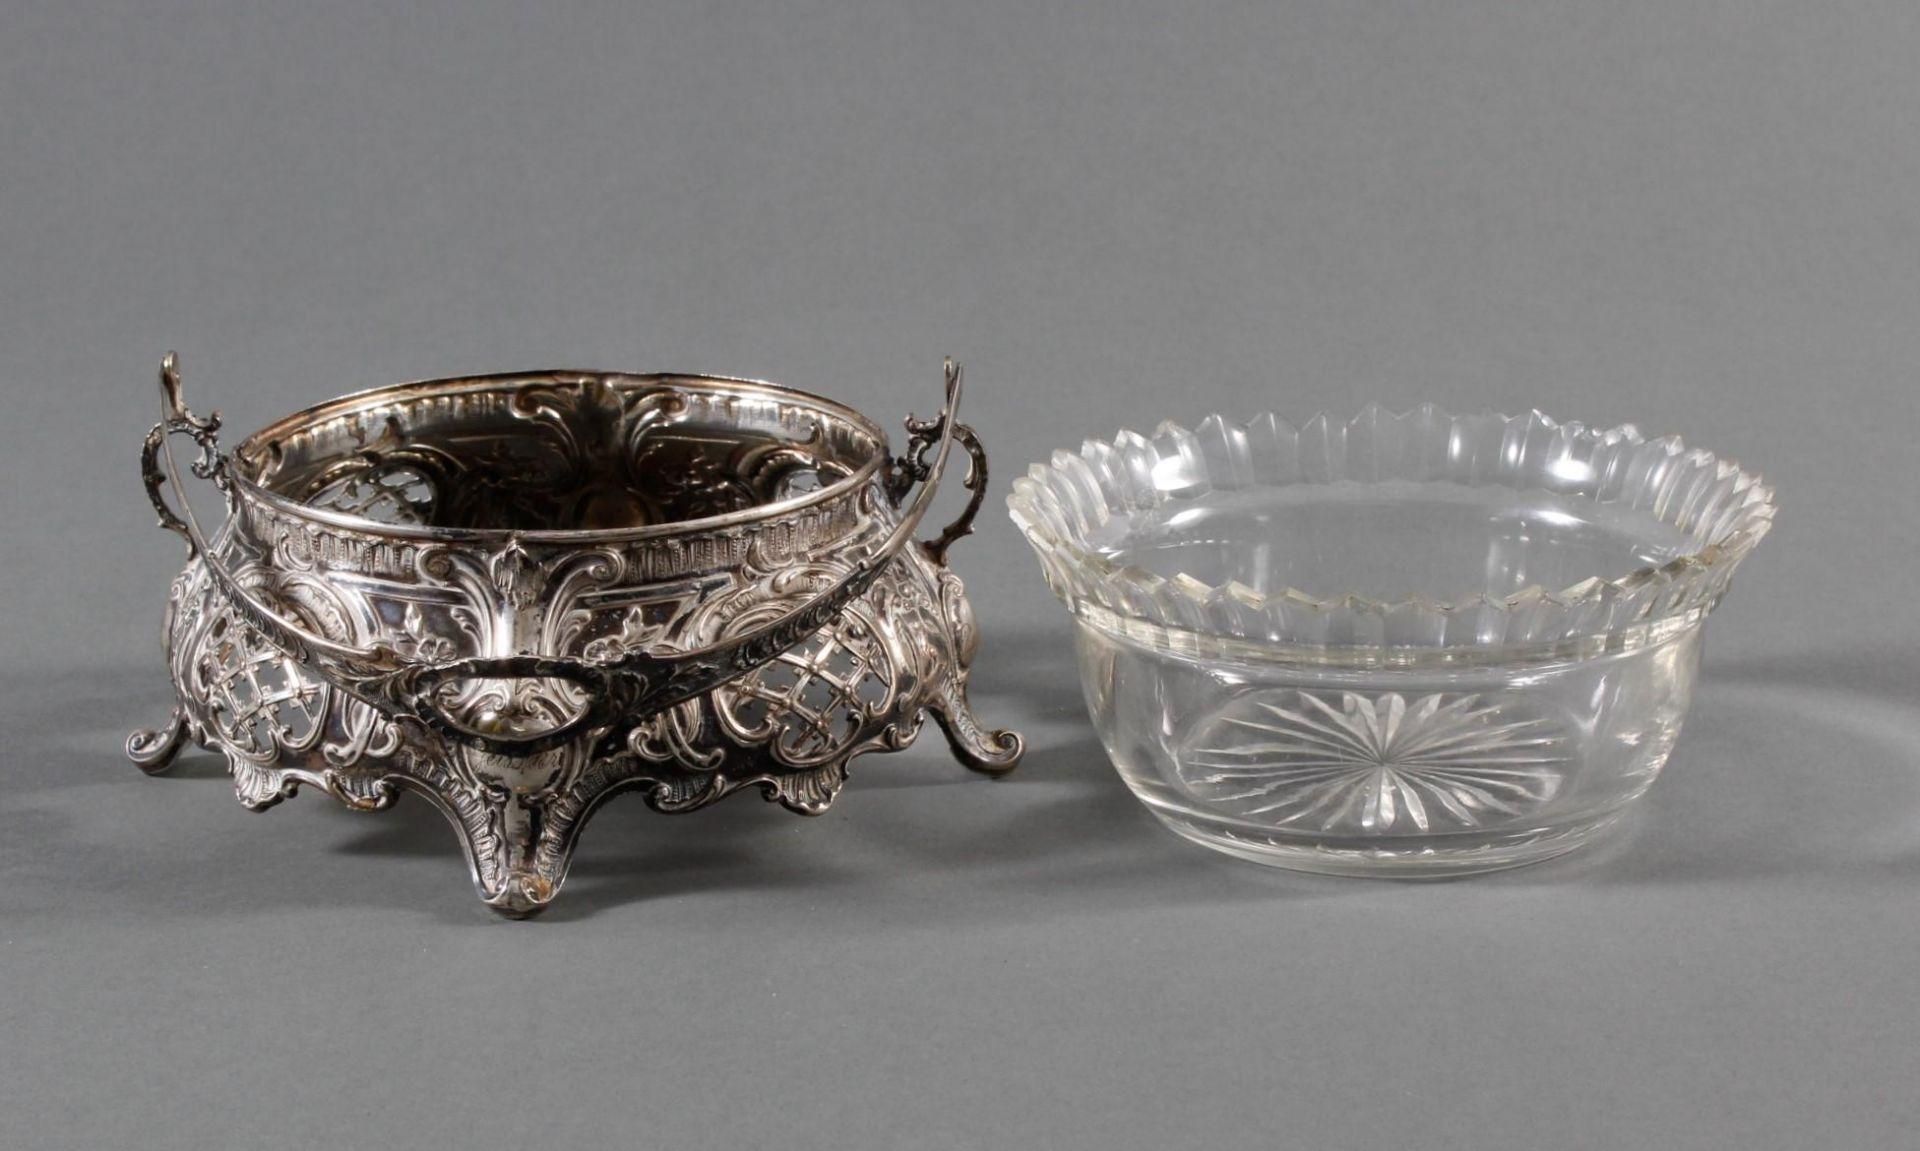 Silbernes Gebäckschälchen mit Glaseinsatz und Gravur - Bild 3 aus 11